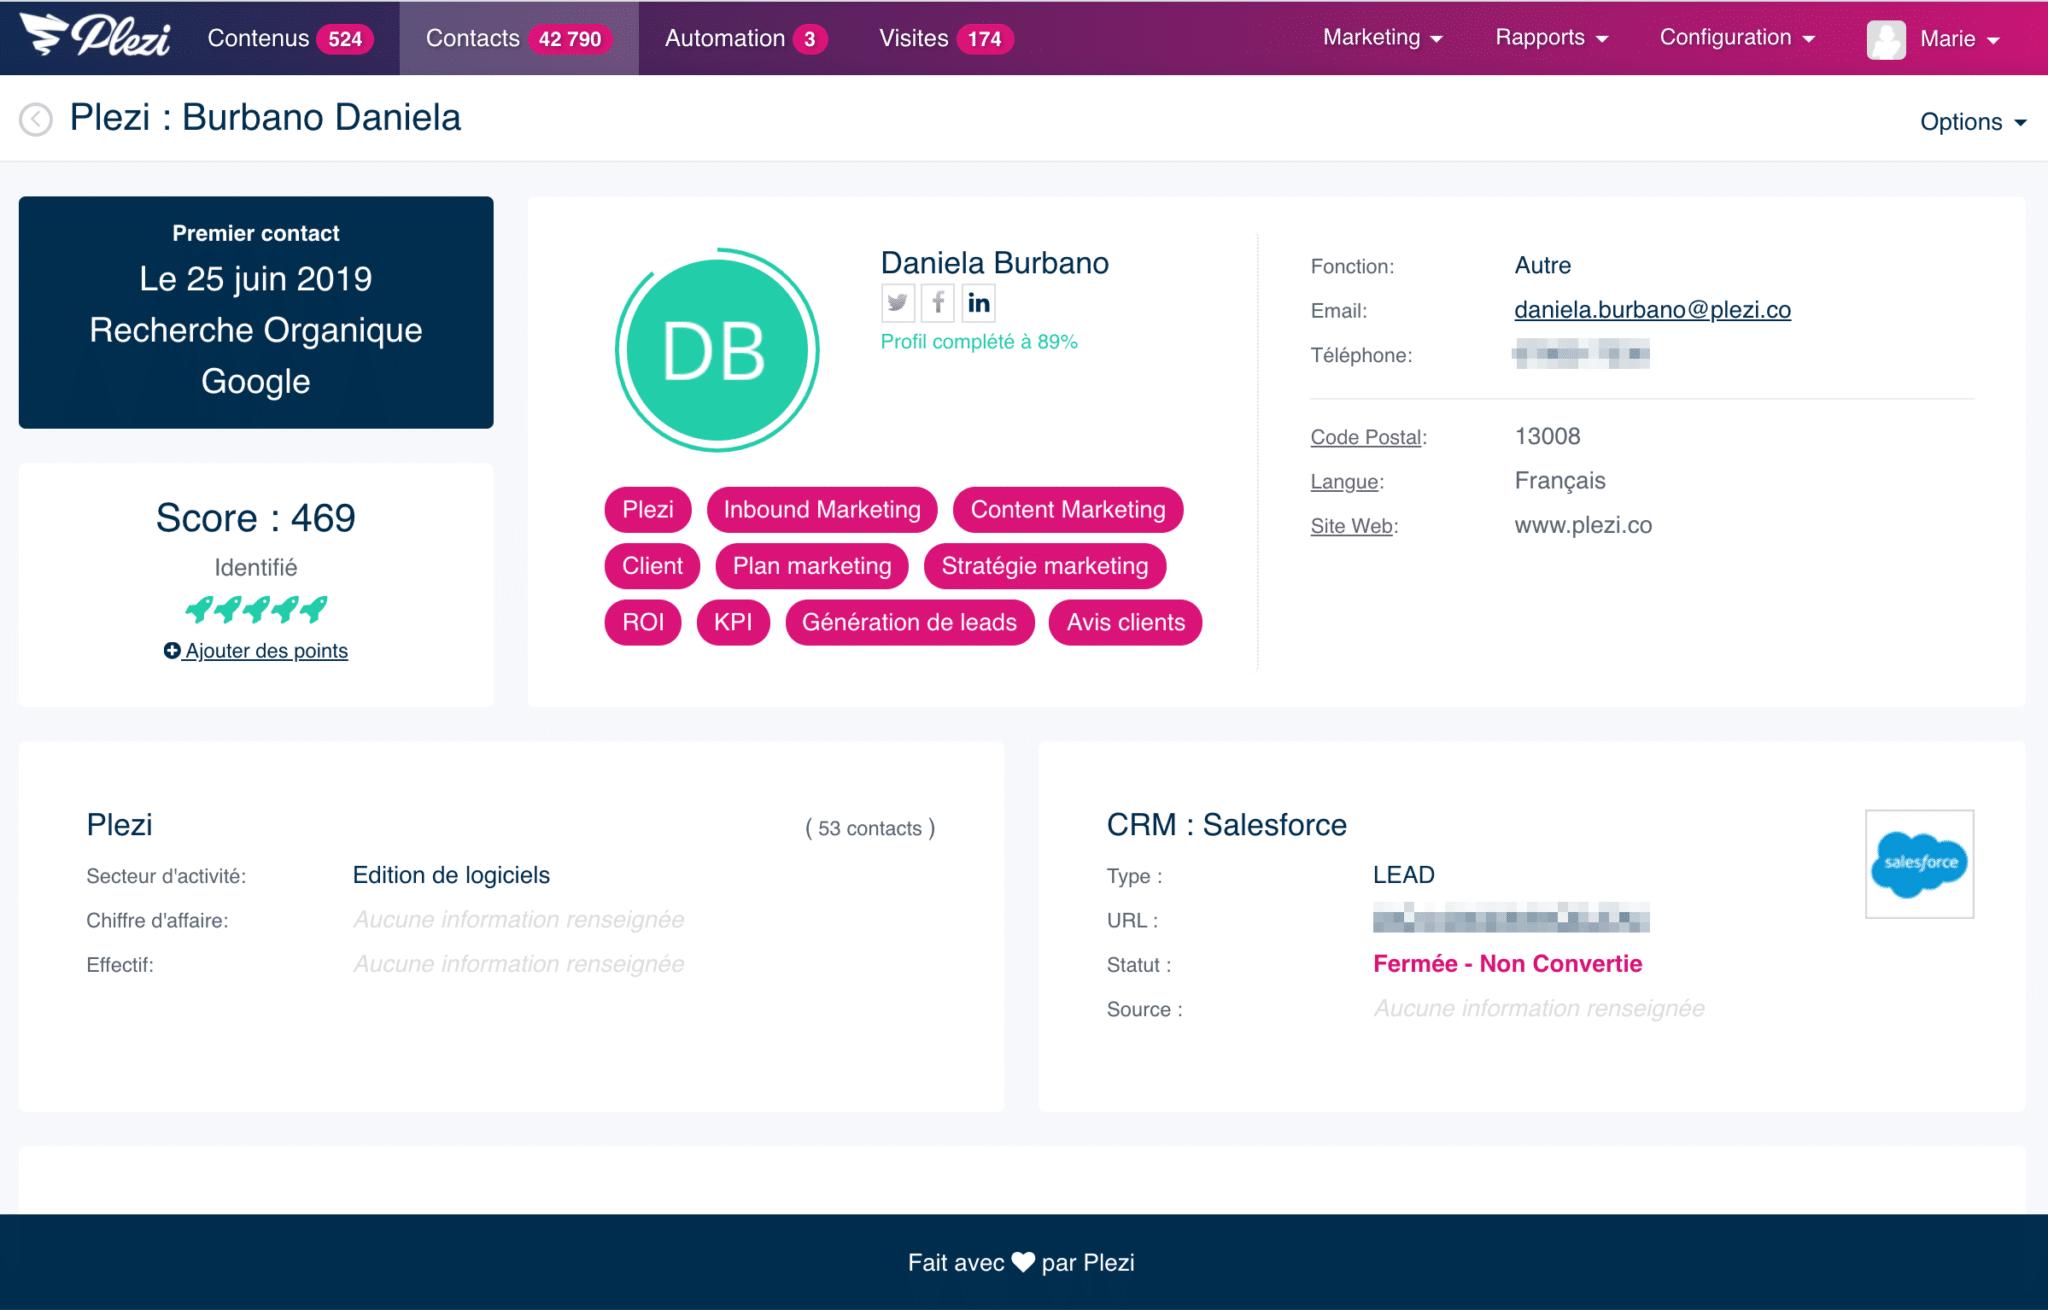 Vue d'une fiche contact dans Plezi présentant les informations sur un prospect: intérêts, visites, contenus consommés et maturité